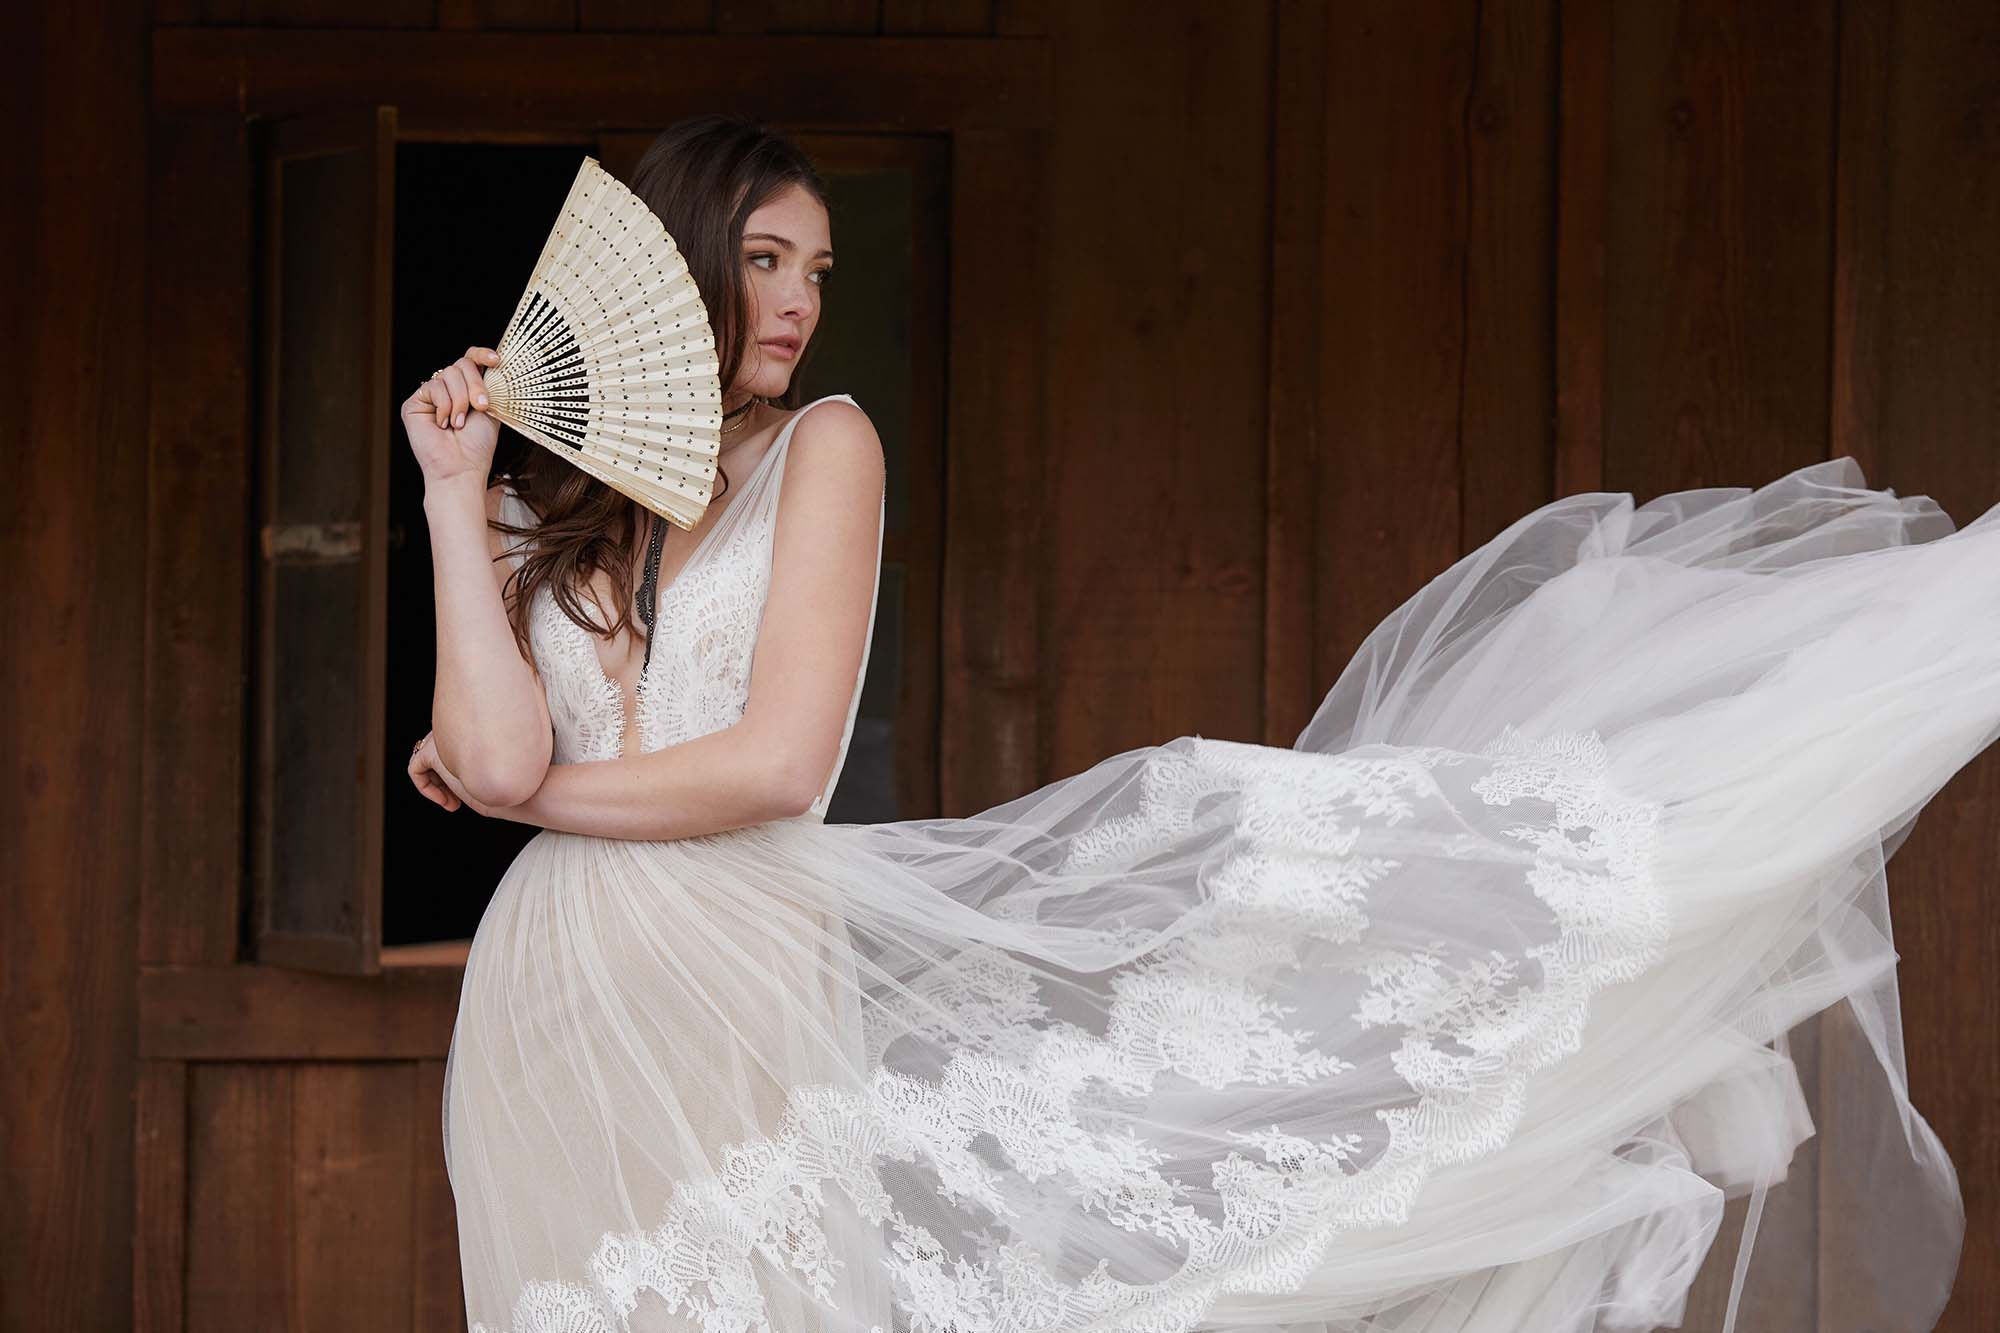 Lunardi Cerimonia – Brautkleider, Maßanzüge & Festmode